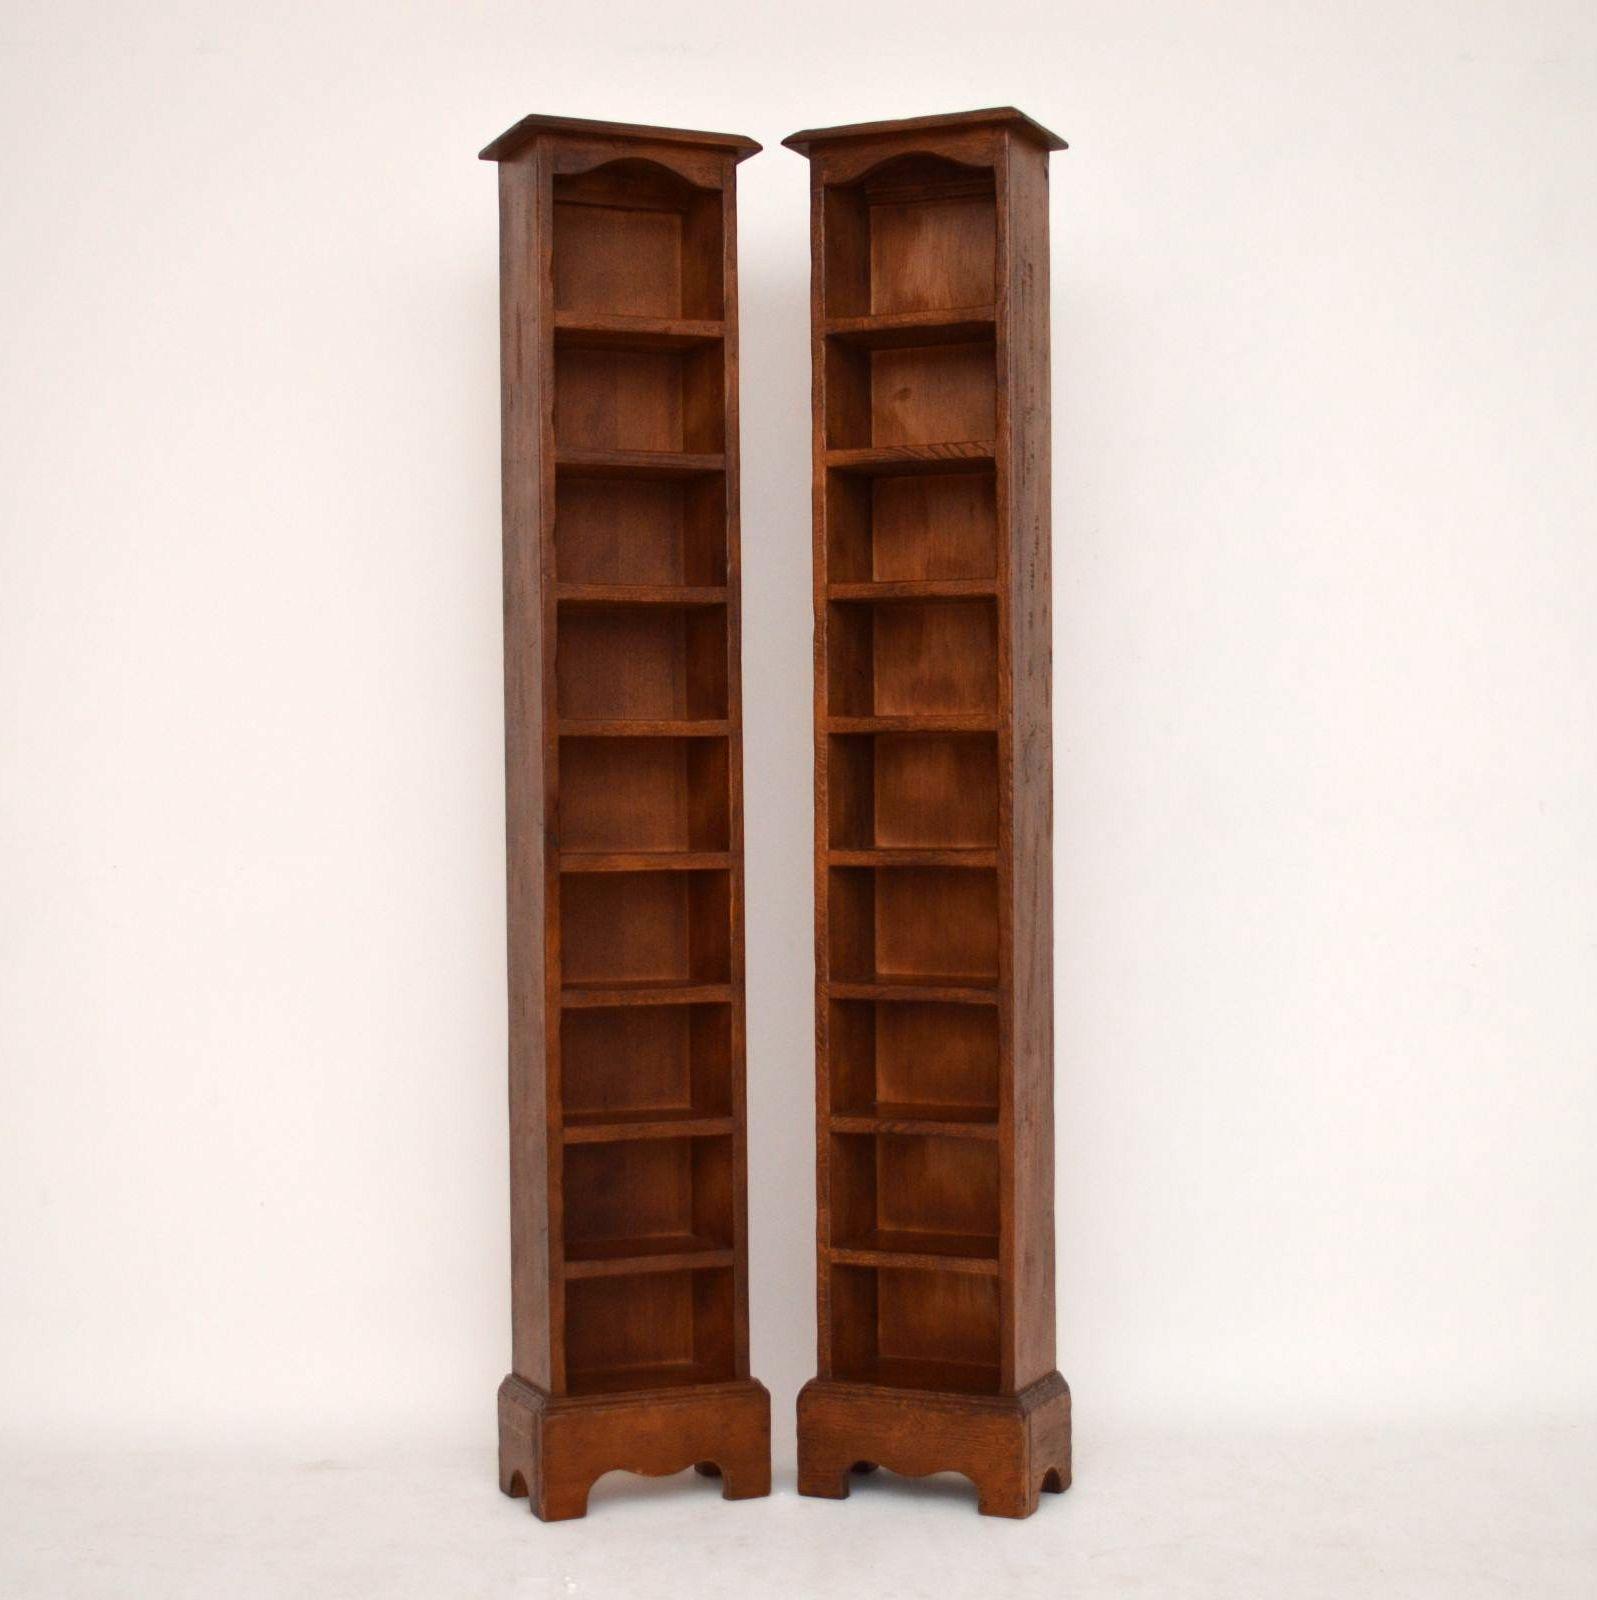 rekonstruierte antike offene b cherregale aus massiver eiche eiche englische antiquit ten. Black Bedroom Furniture Sets. Home Design Ideas